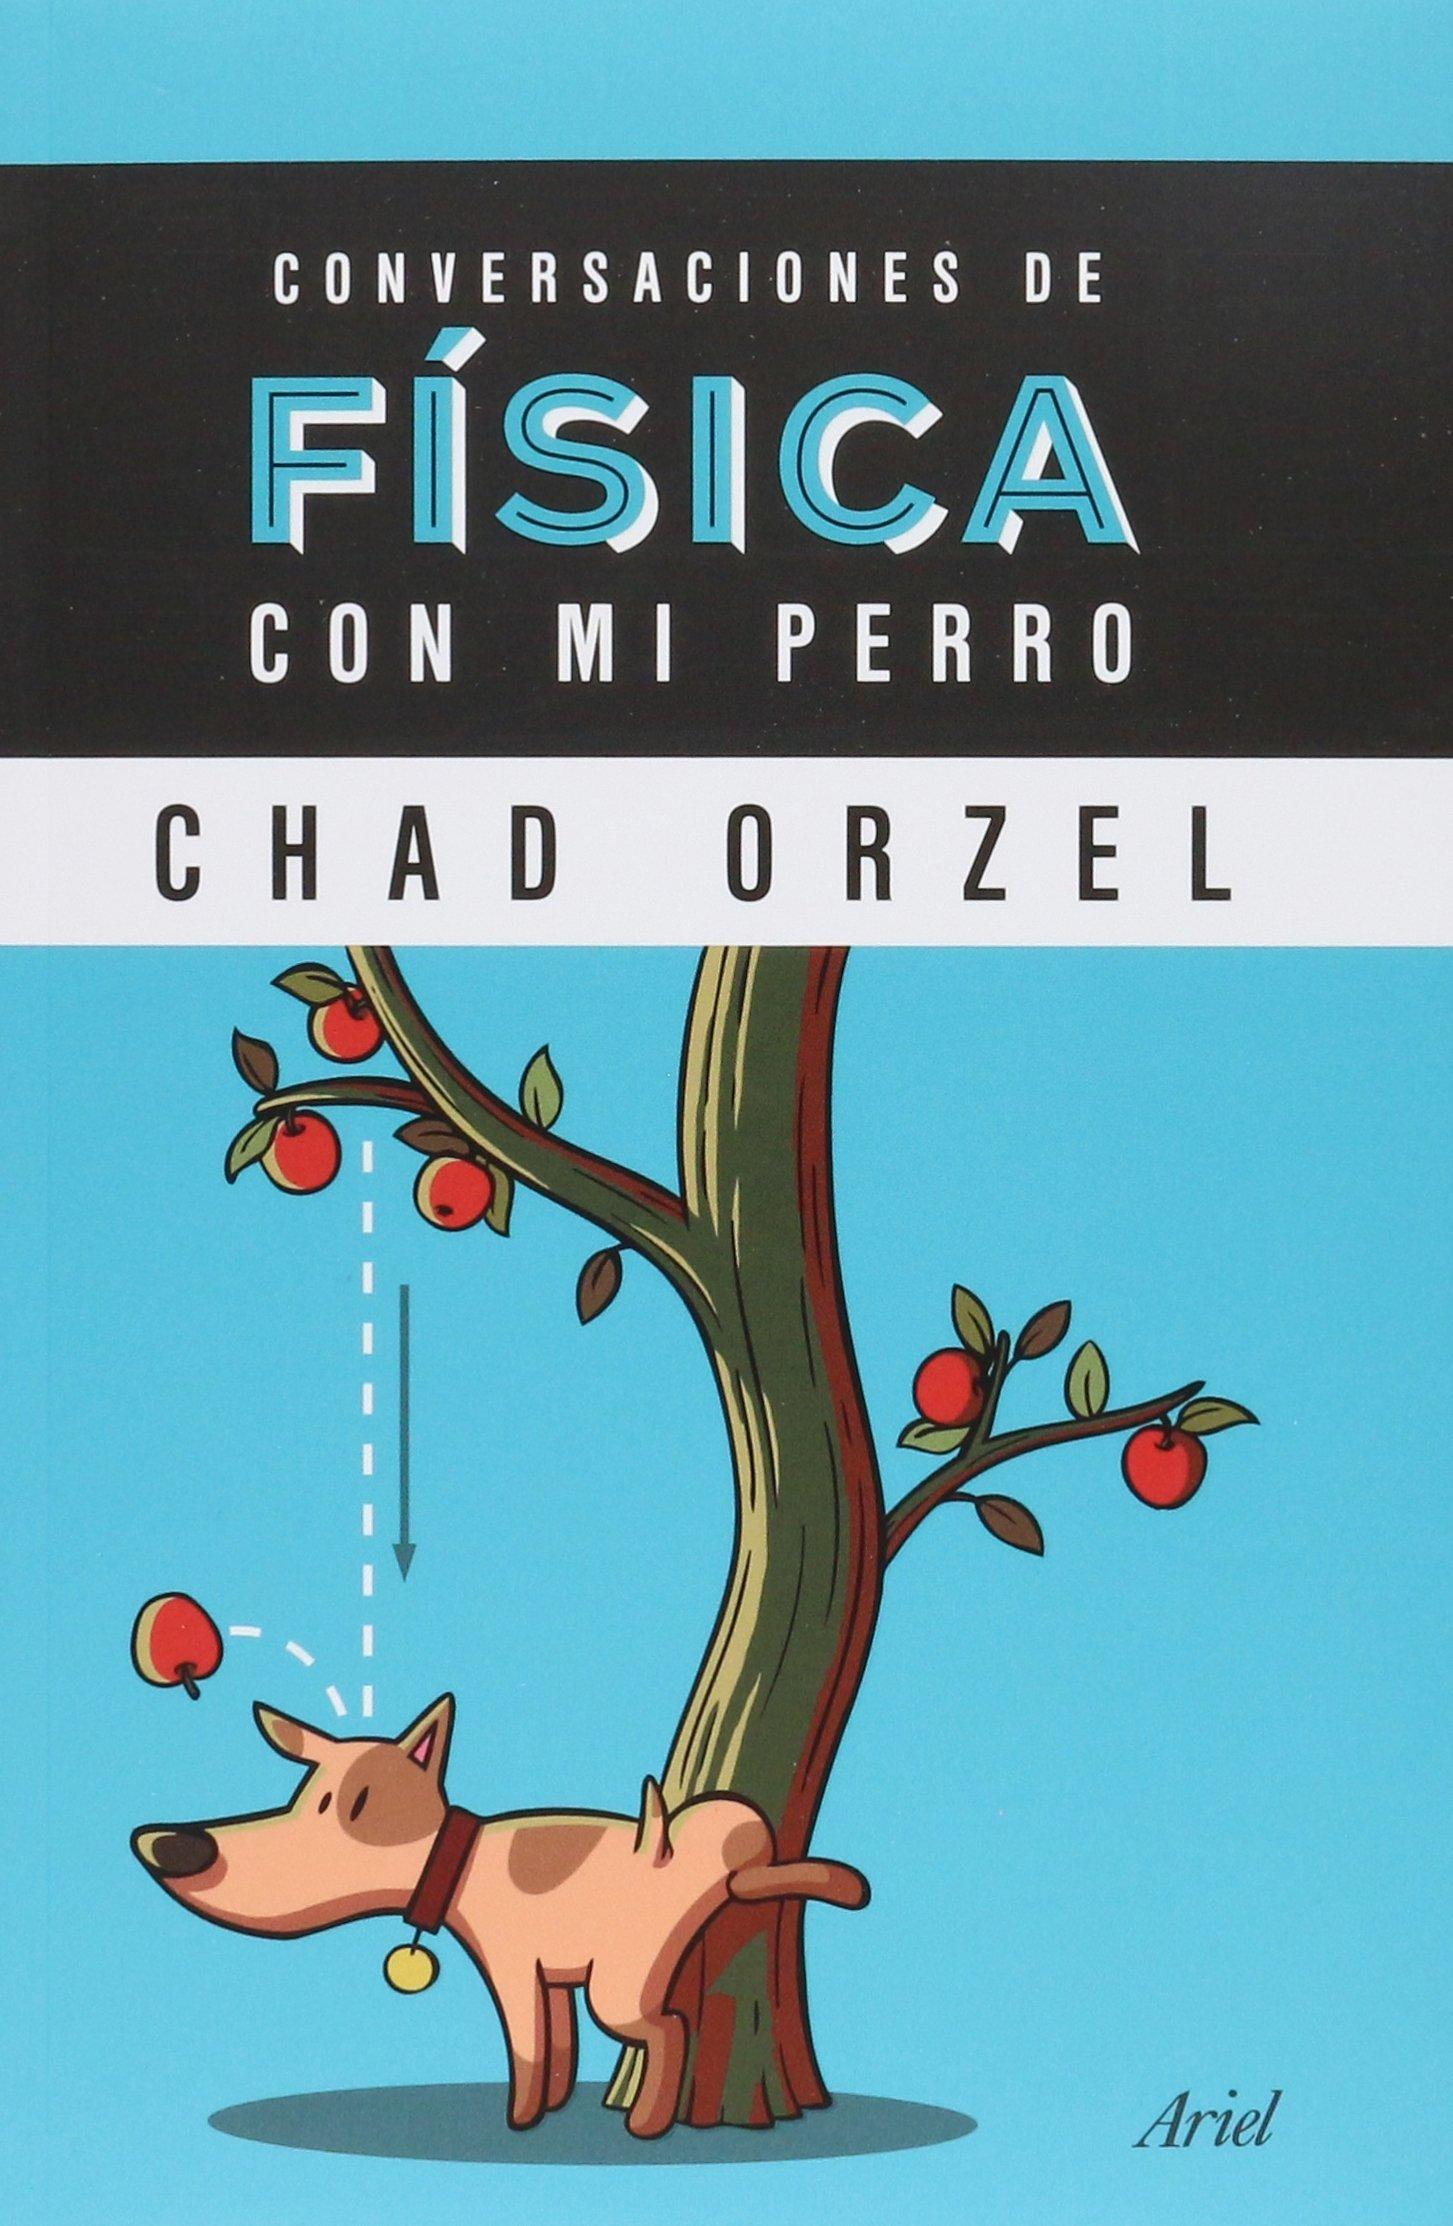 Conversaciones de física con mi perro (Spanish) Paperback – 2013